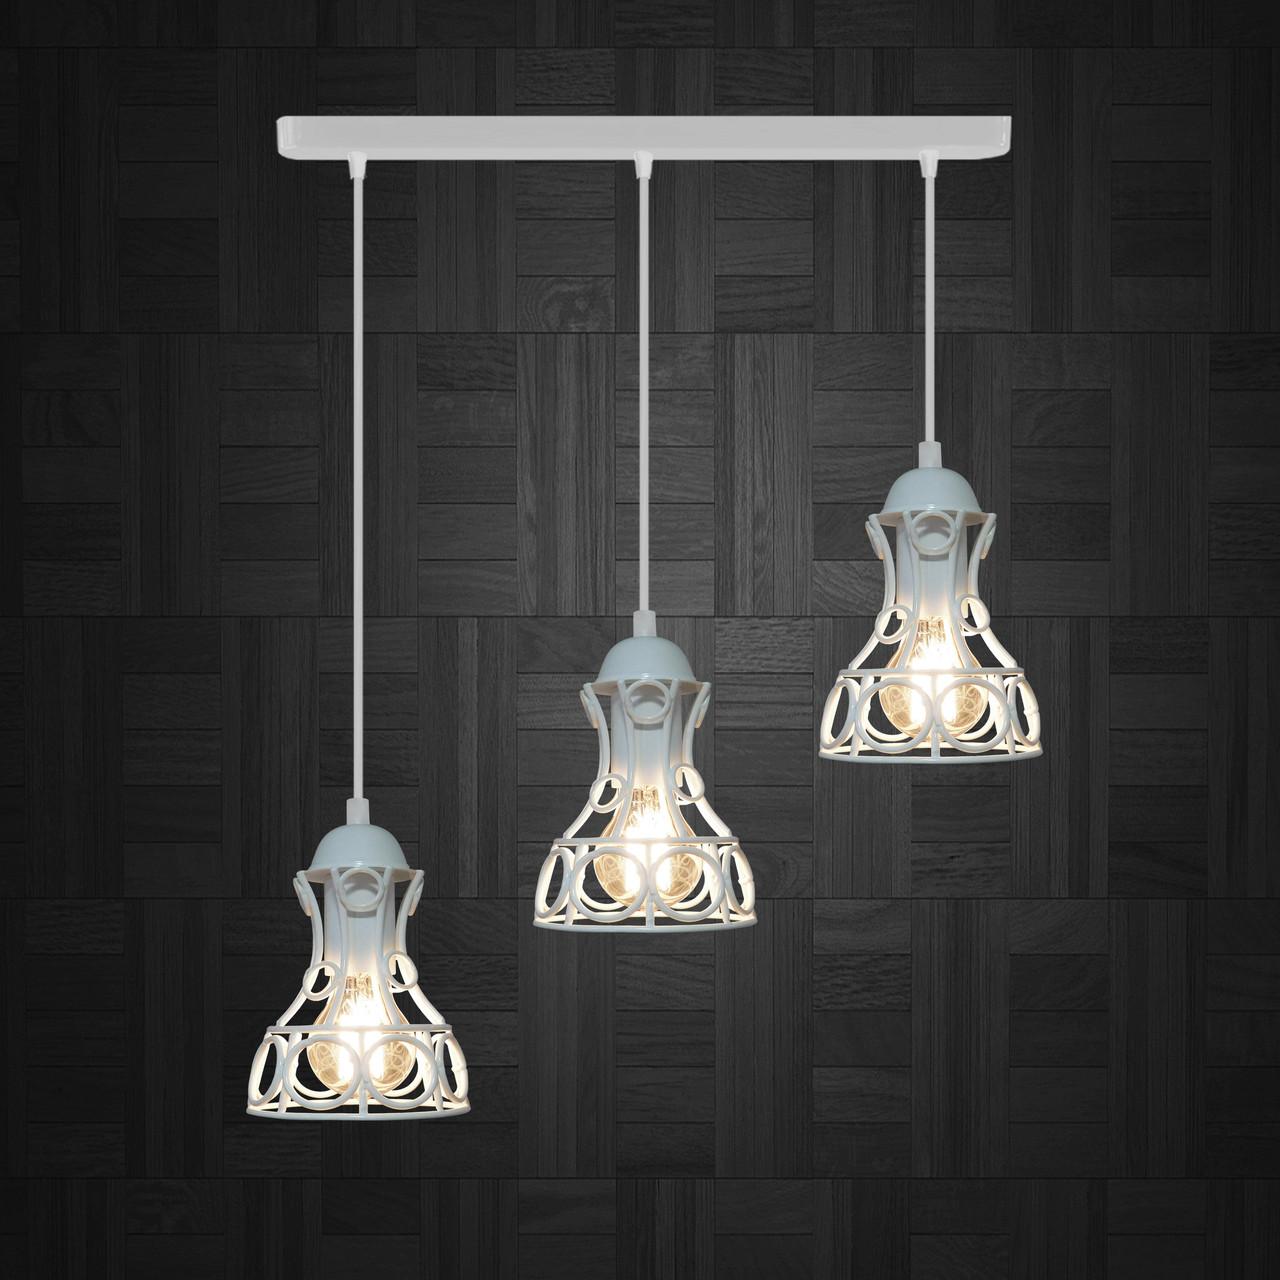 Подвесной  светильник, индустриальный стиль стиль, loft, vintage RINGS-3 Е27  белый